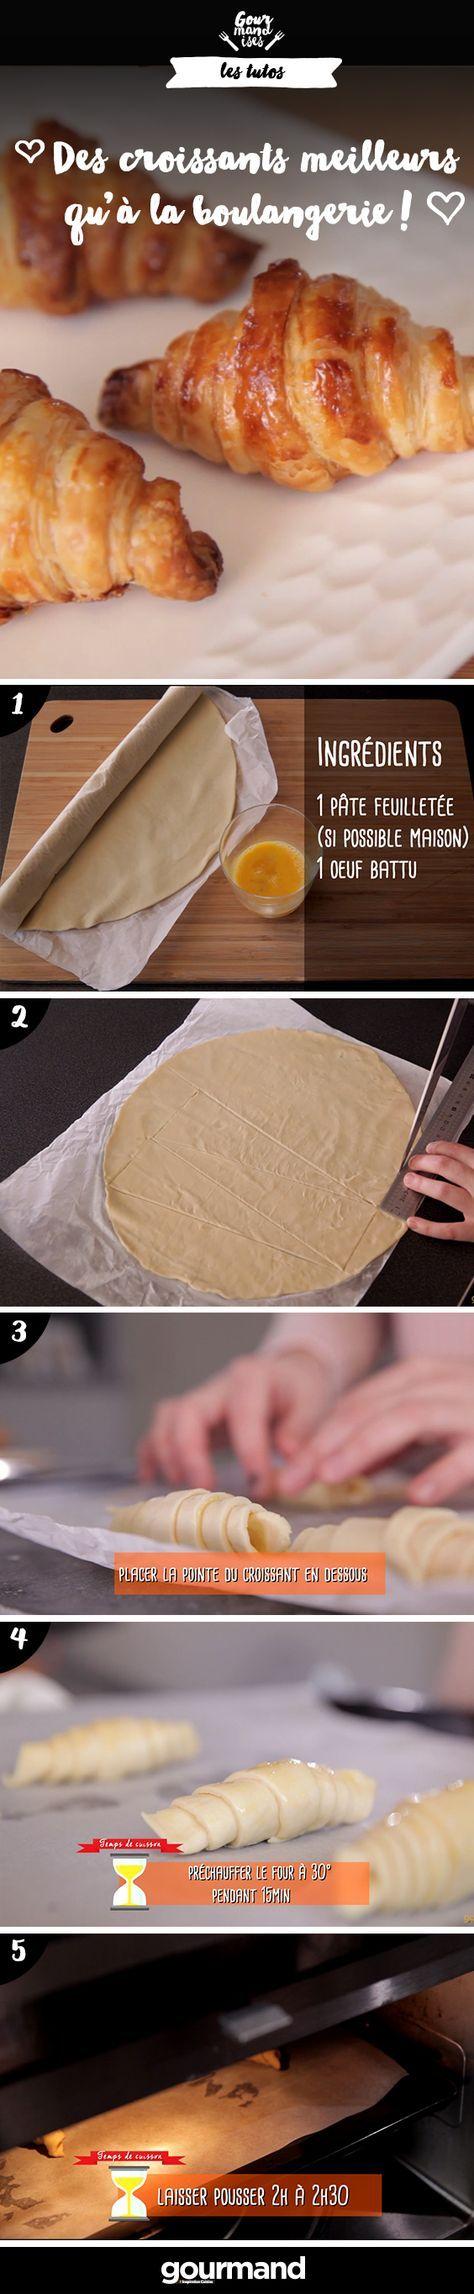 Votre boulanger n'a qu'à bien se tenir ! ;)